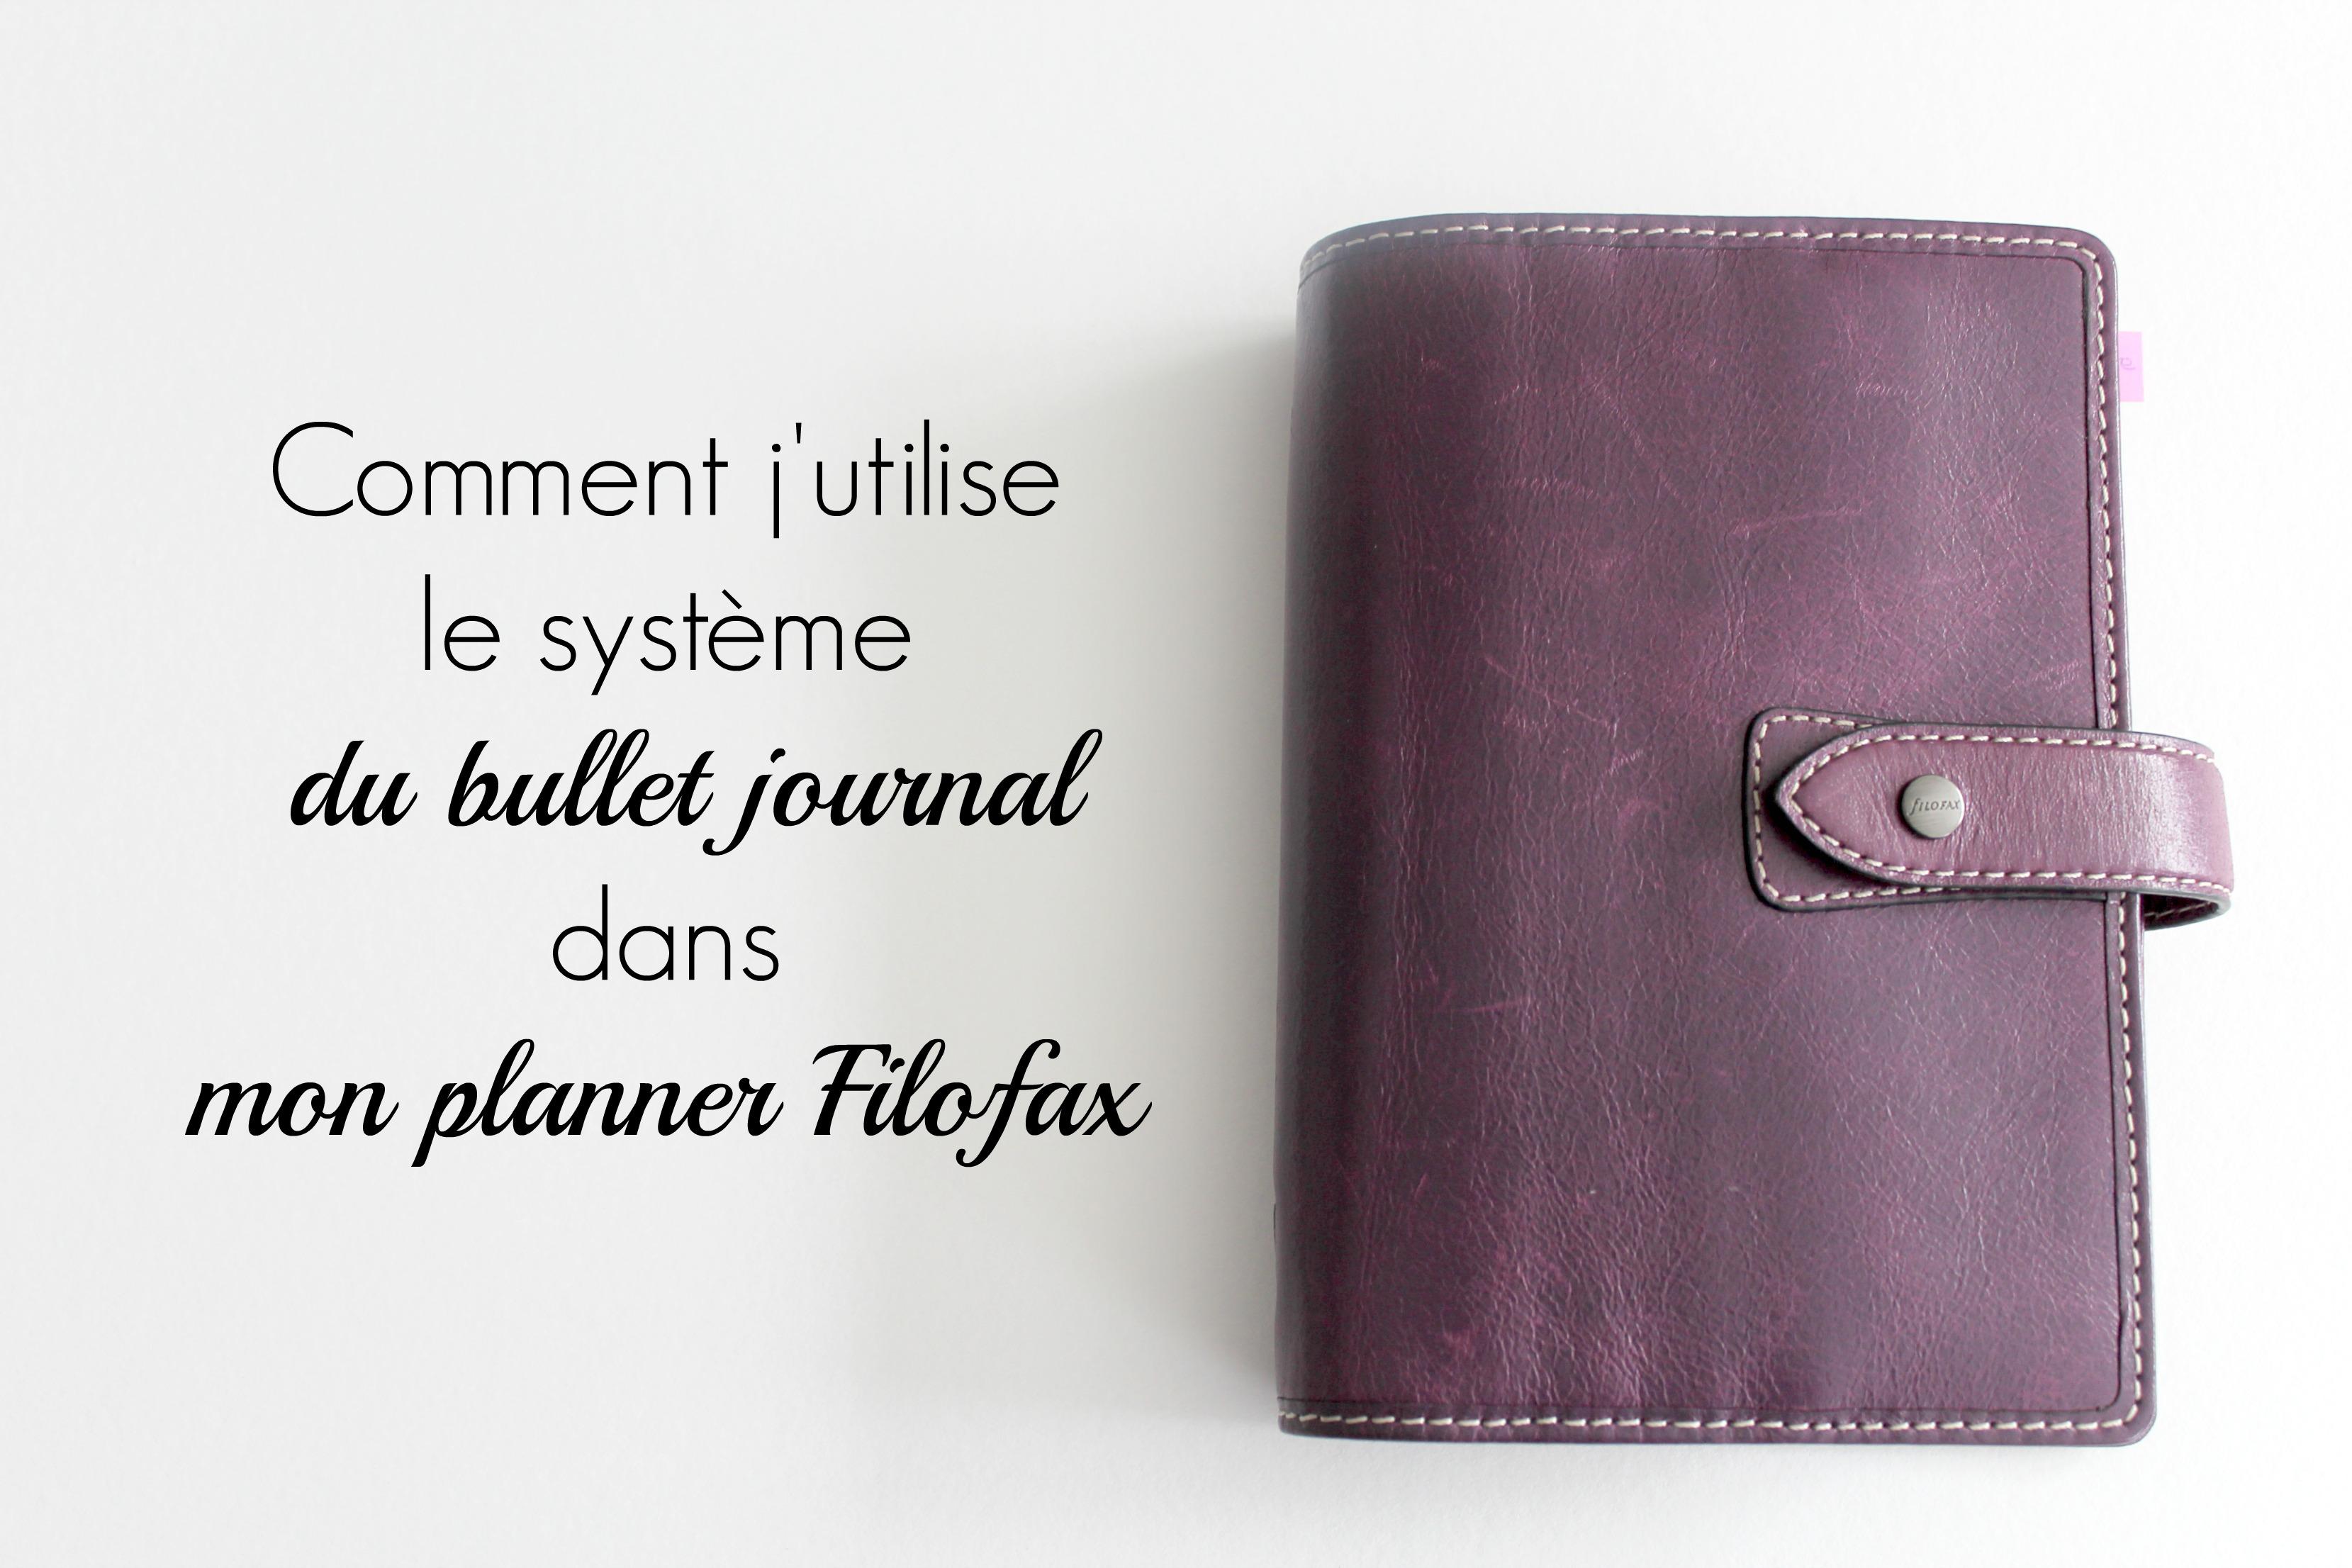 beeorganisee.com/wp-content/uploads/2016/03/comment-jutilise-la-méthode-du-bullet-journal-dans-mon-planner-filofax.jpg